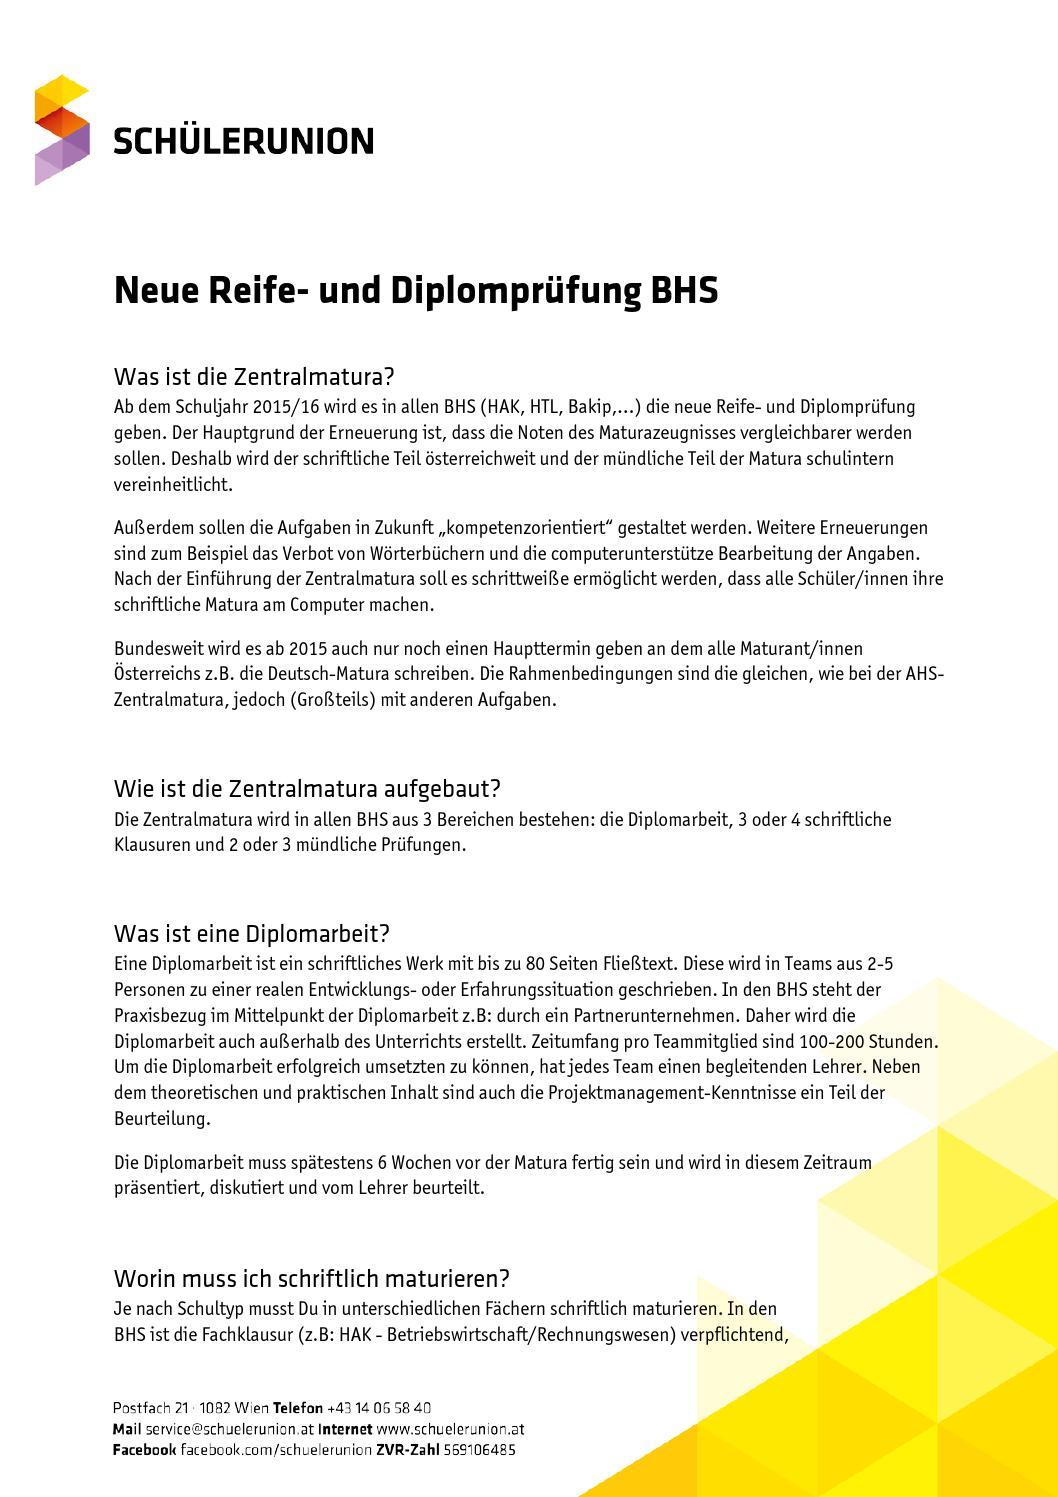 Neue Reife Und Diplomprüfung Bhs By Schülerunion österreich Issuu